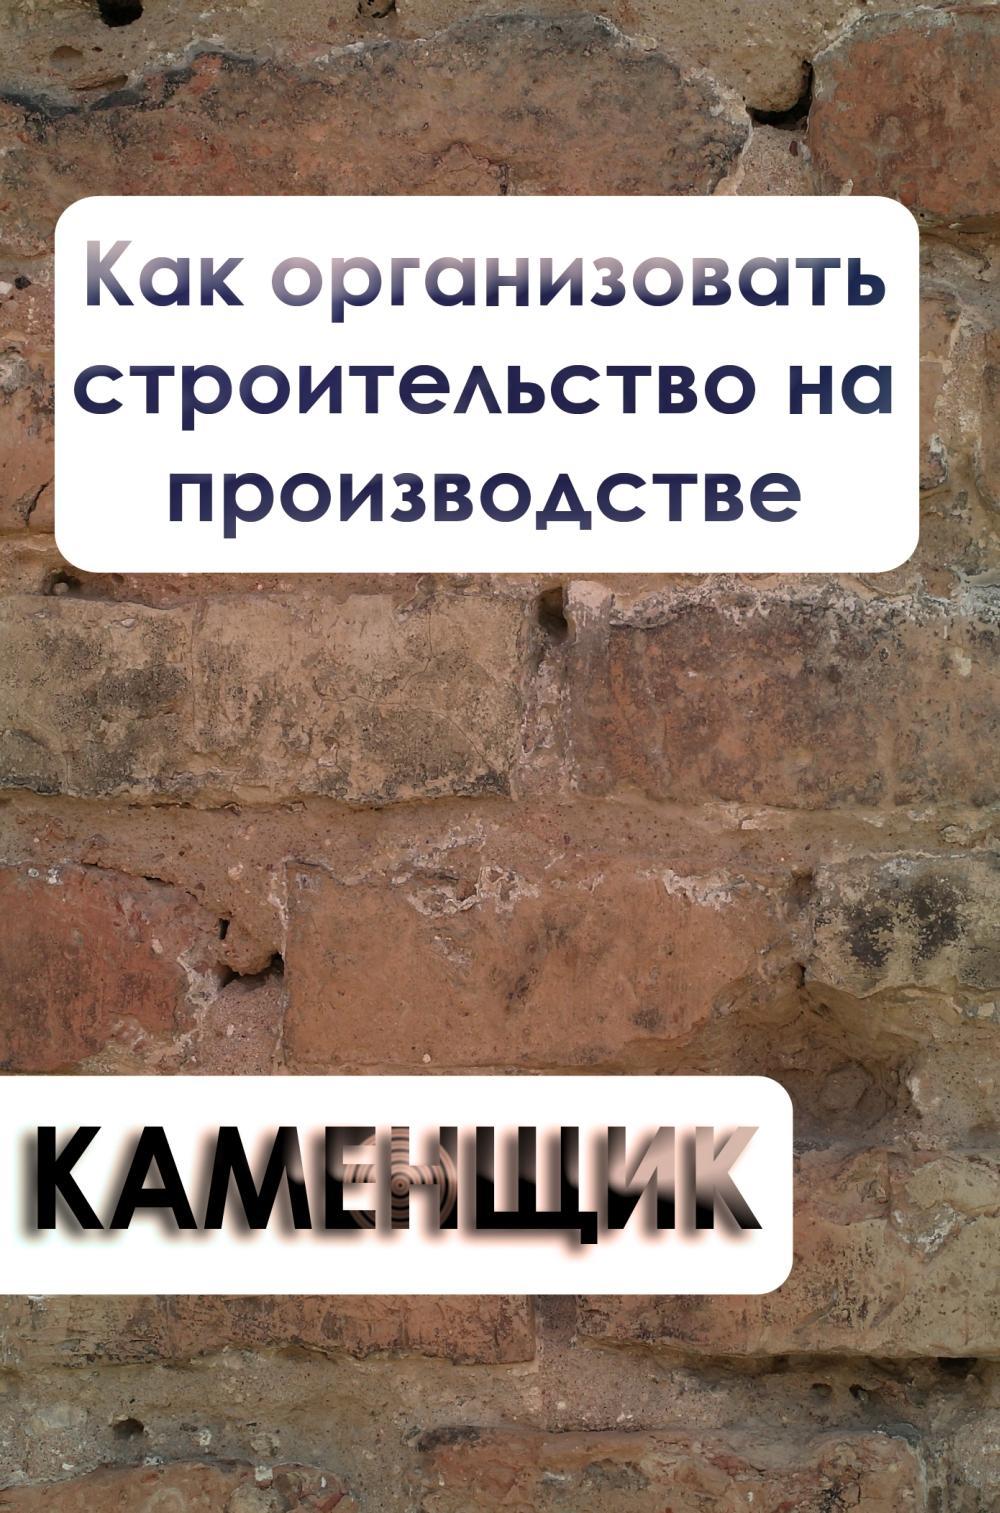 Илья Мельников Как организовать строительство на производстве и окунева о резервах повышения производительности труда